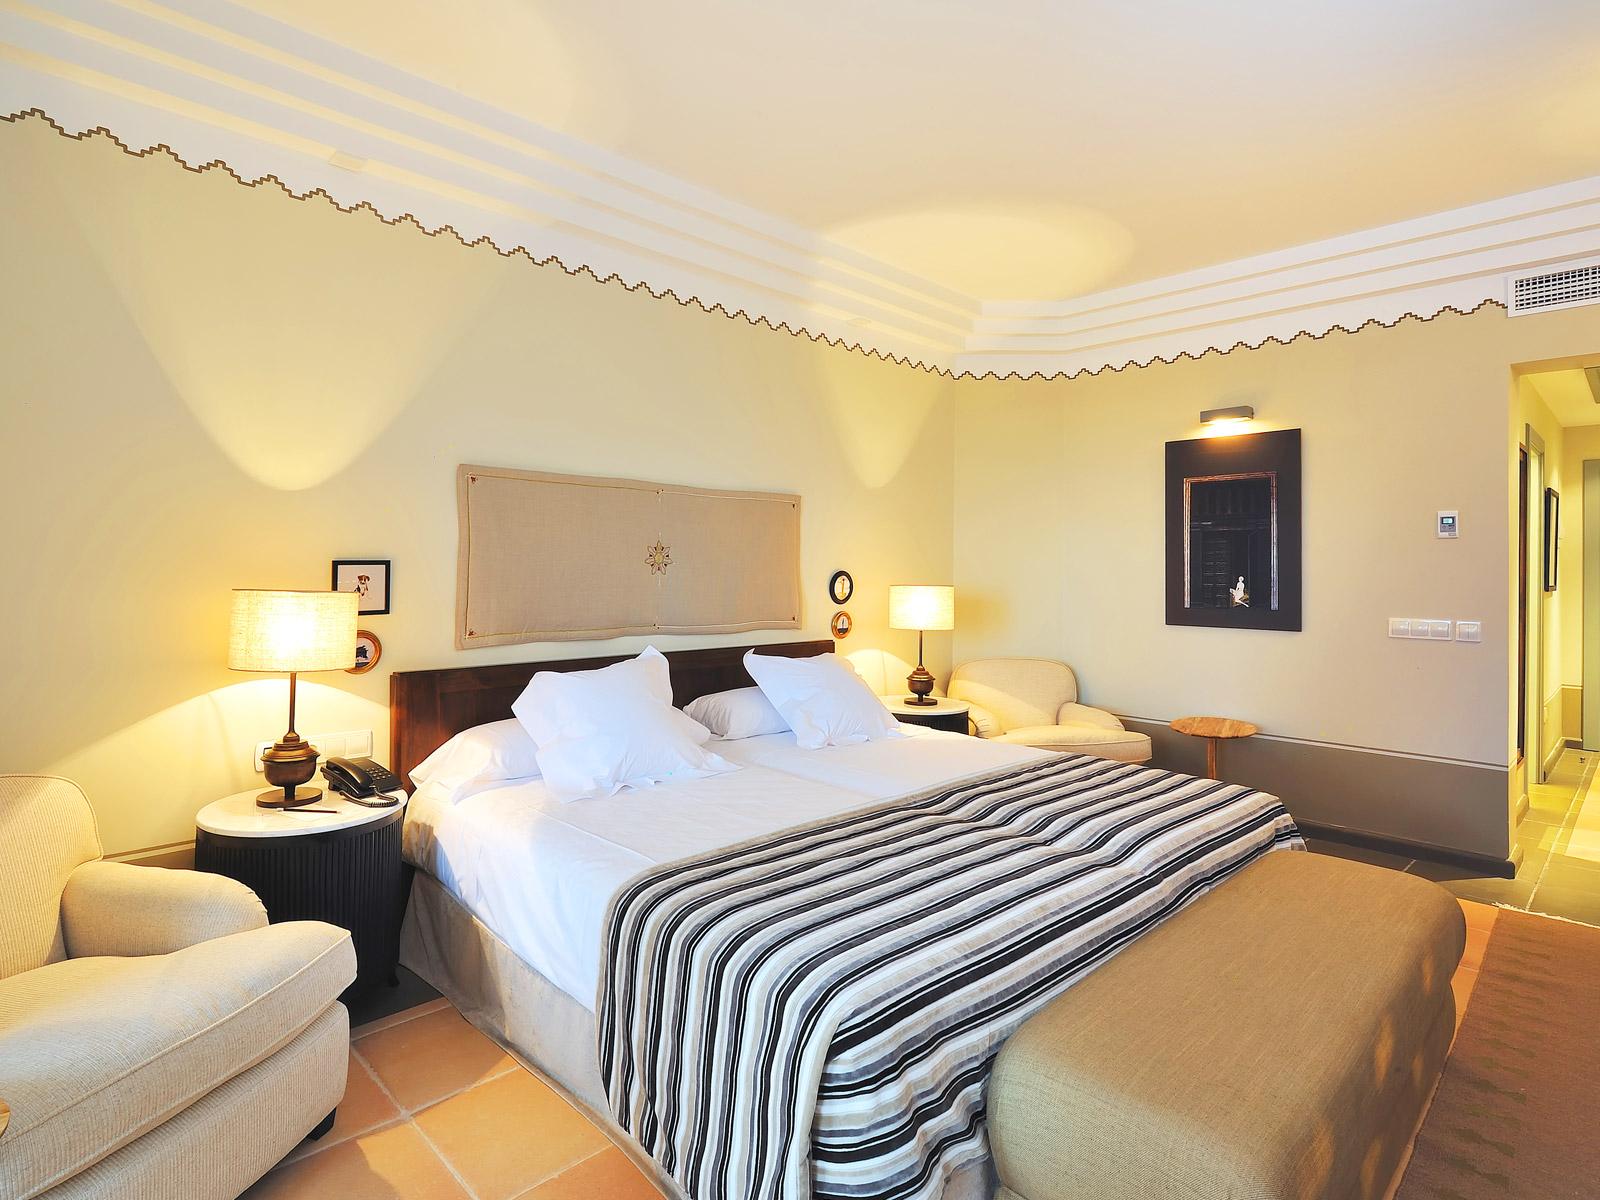 Ofertas Hotel Vincci Estrella del Mar - Anticípate y ahorra 15%